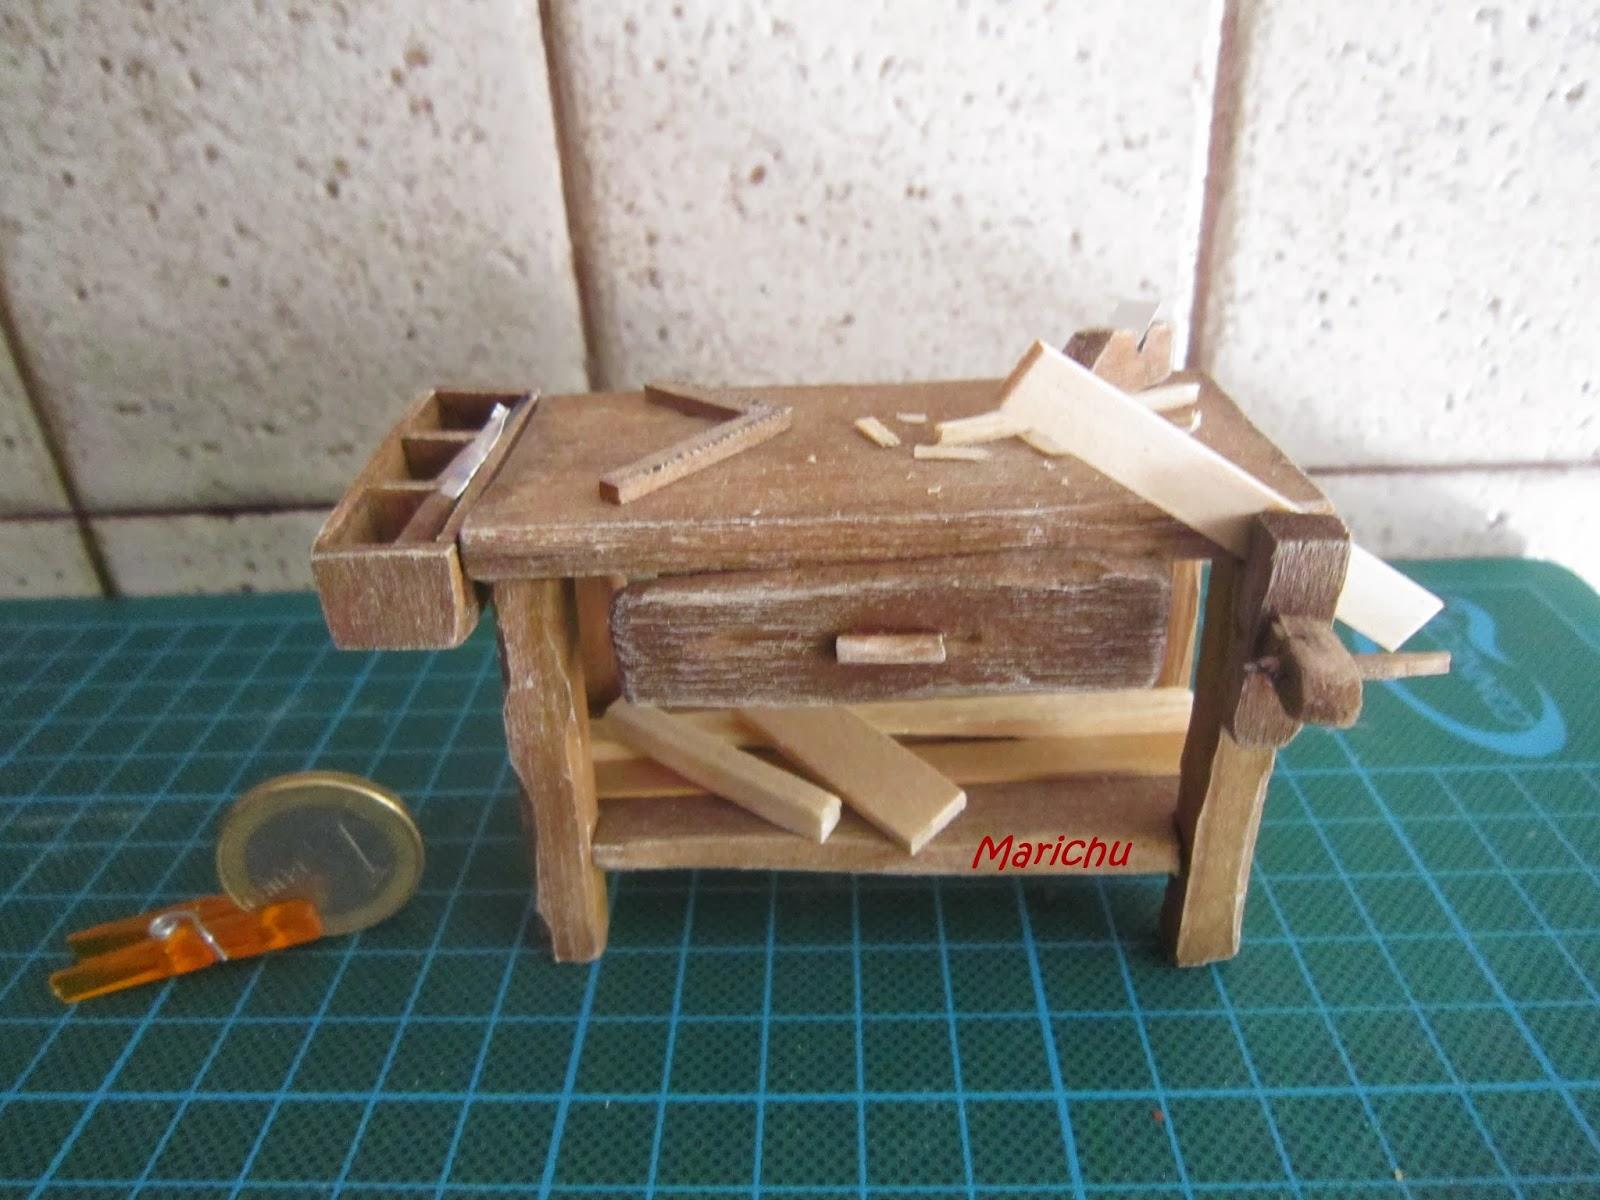 Las minis de marichu como hacer una mesa de carpintero for Mesa de carpintero